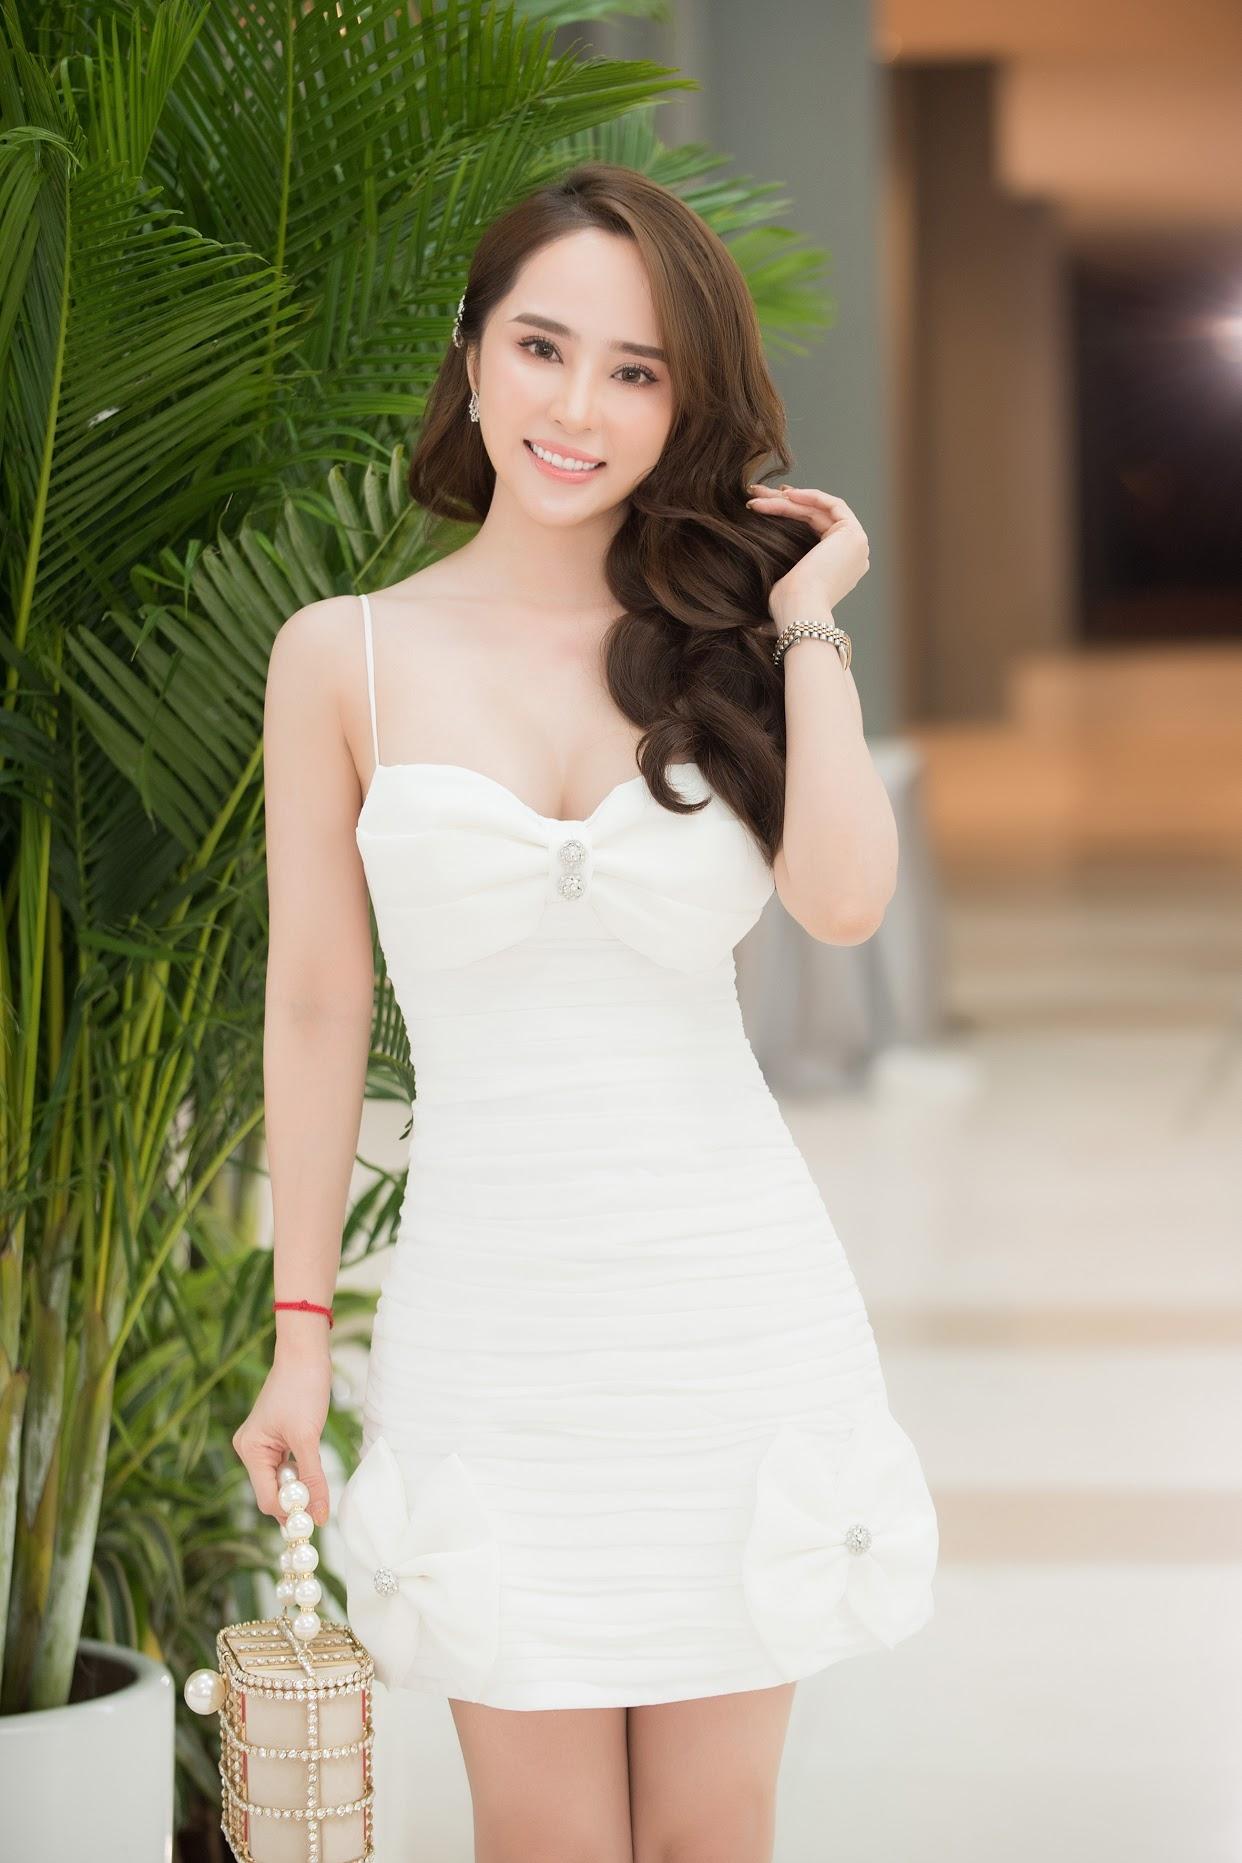 Diễn viên Quỳnh Nga tiết lộ bí kíp để có dáng đẹp, eo thon